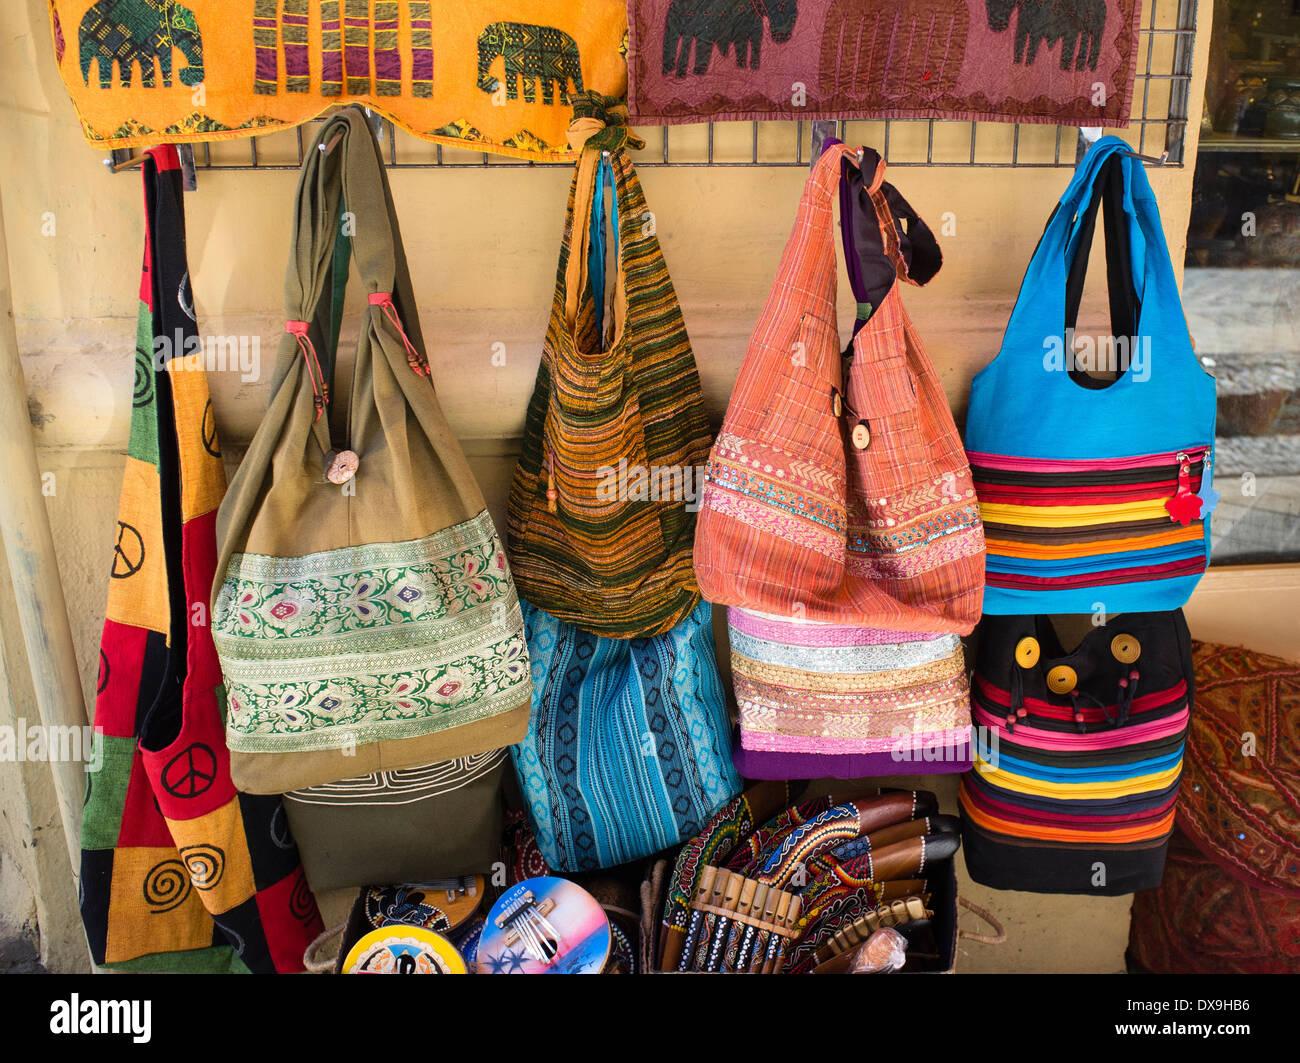 Bolsos coloridos en un mercado en el Albayzín, Granada, España Imagen De Stock